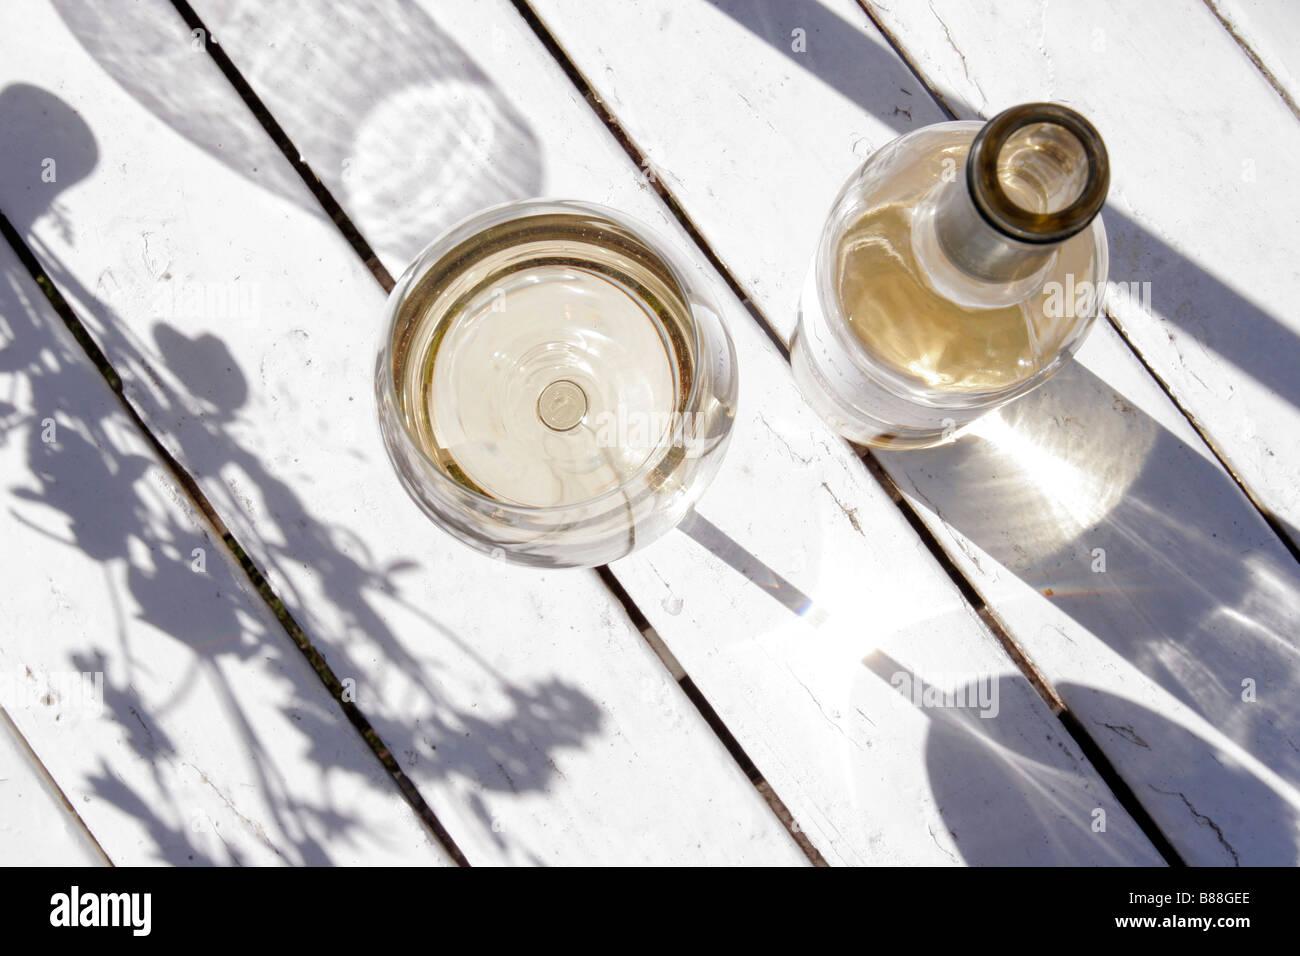 Une bouteille de vin blanc et un verre placé à l'extérieur sur une table en bois blanc. Photo Stock